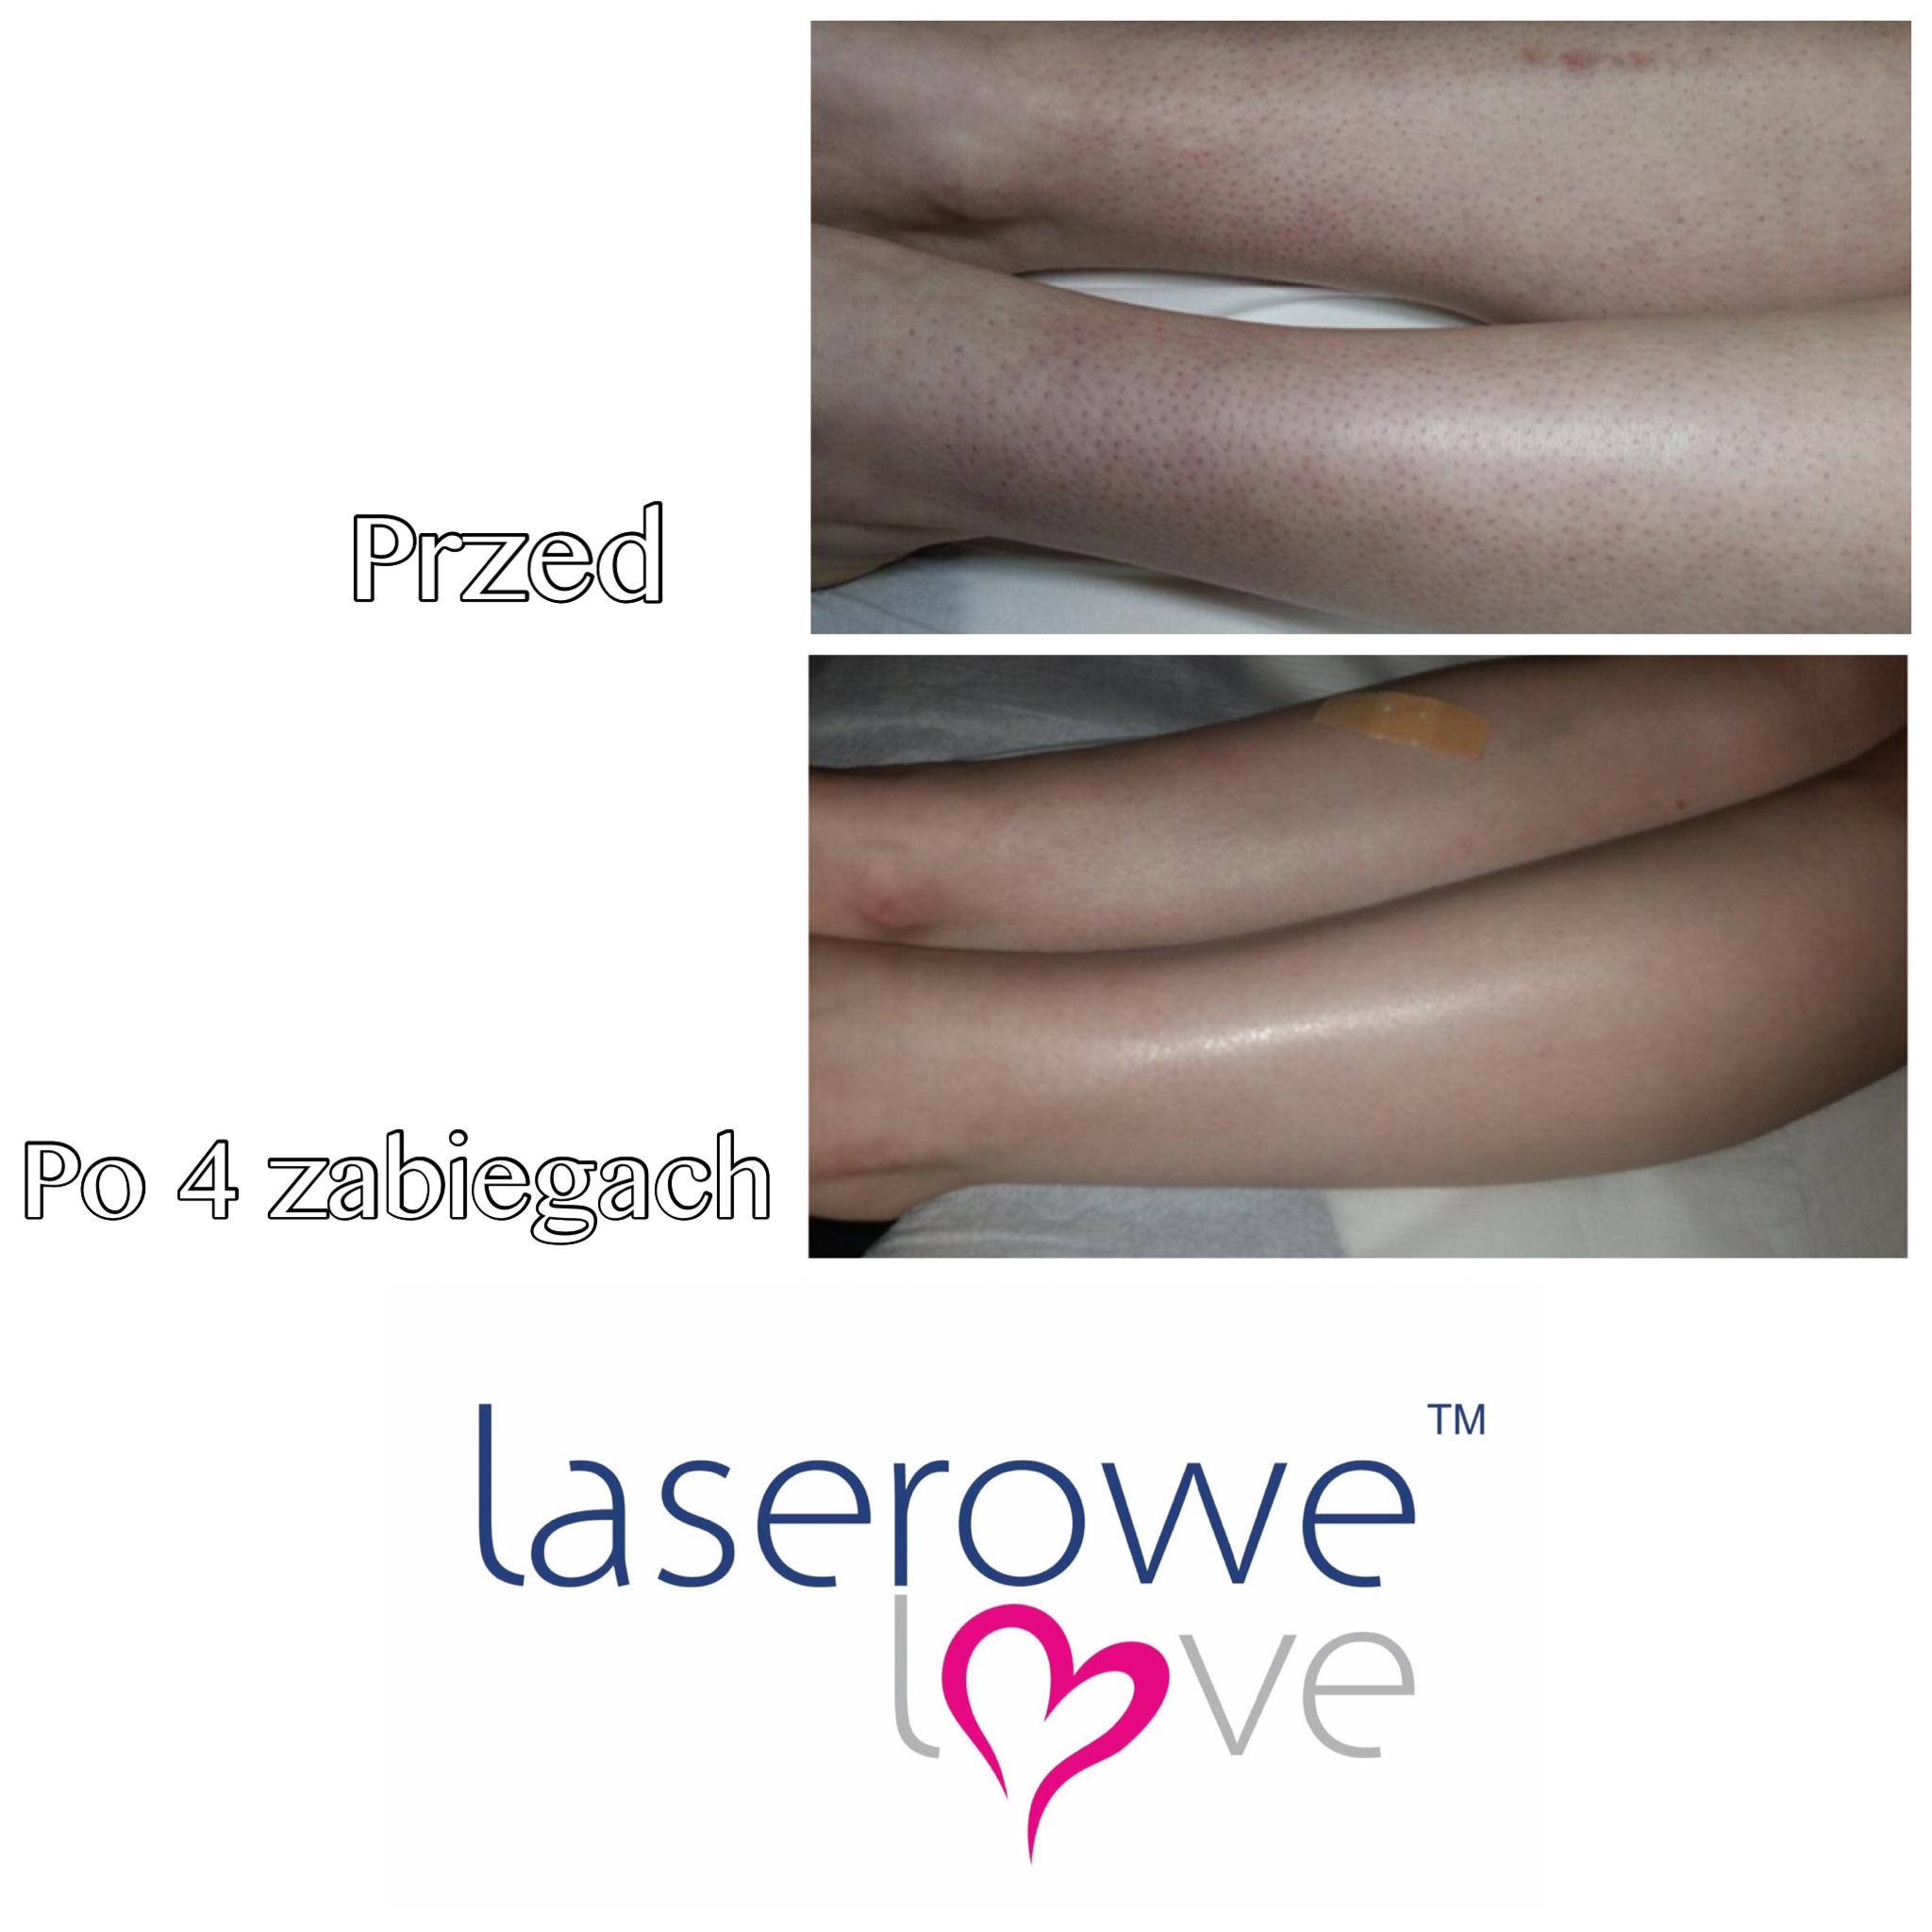 laserowe-love-raciborz-ightsheer-desire-trwale-skuteczne-usuwanie-owlosienia_7951 00.52.37